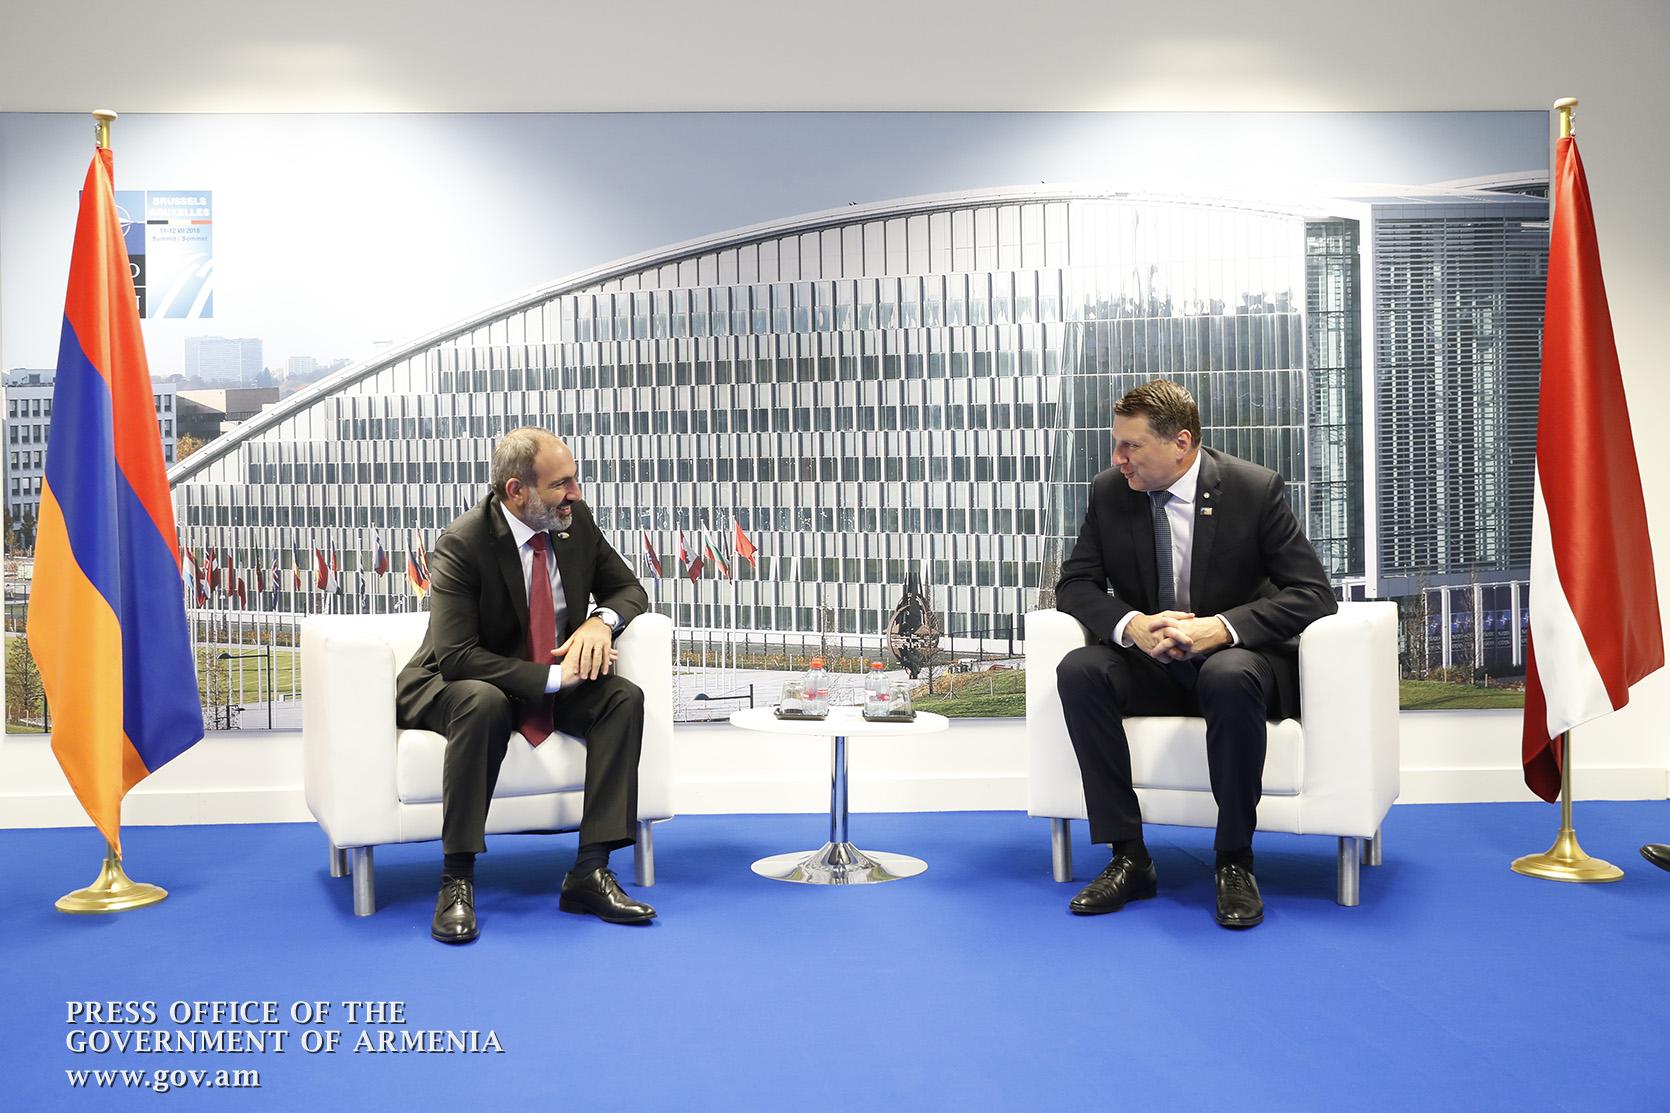 Նիկոլ Փաշինյանը Ռայմոնդս Վեյոնիսի հետ քննարկել է հայ-լատվիական հարաբերությունների հետագա զարգացմանն ուղղված հարցեր